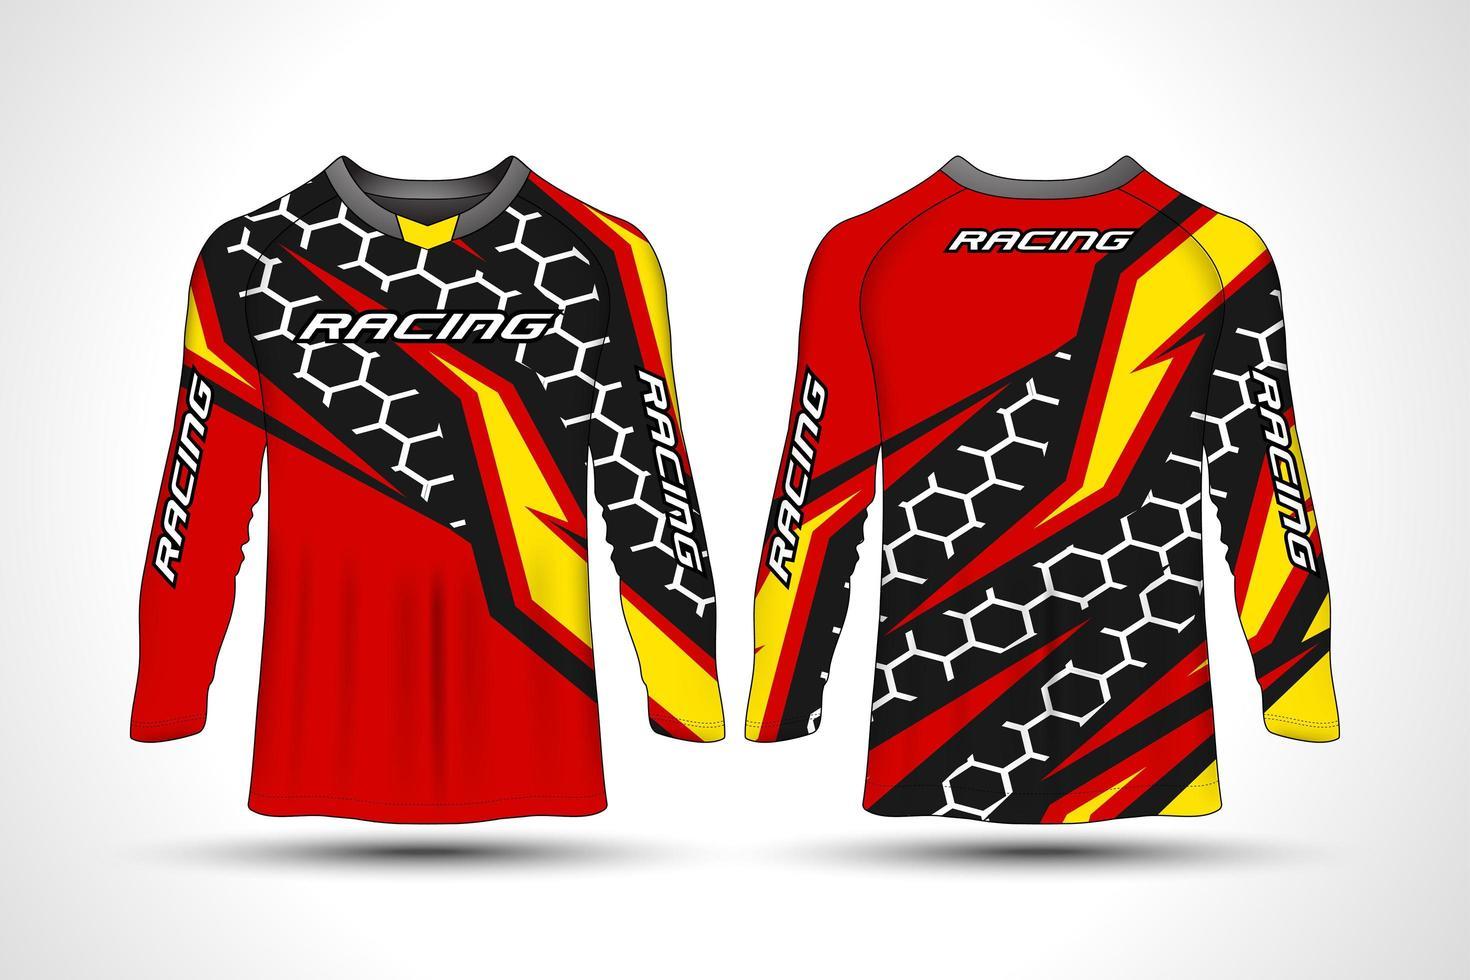 camiseta de manga comprida camisa de moto esporte vetor